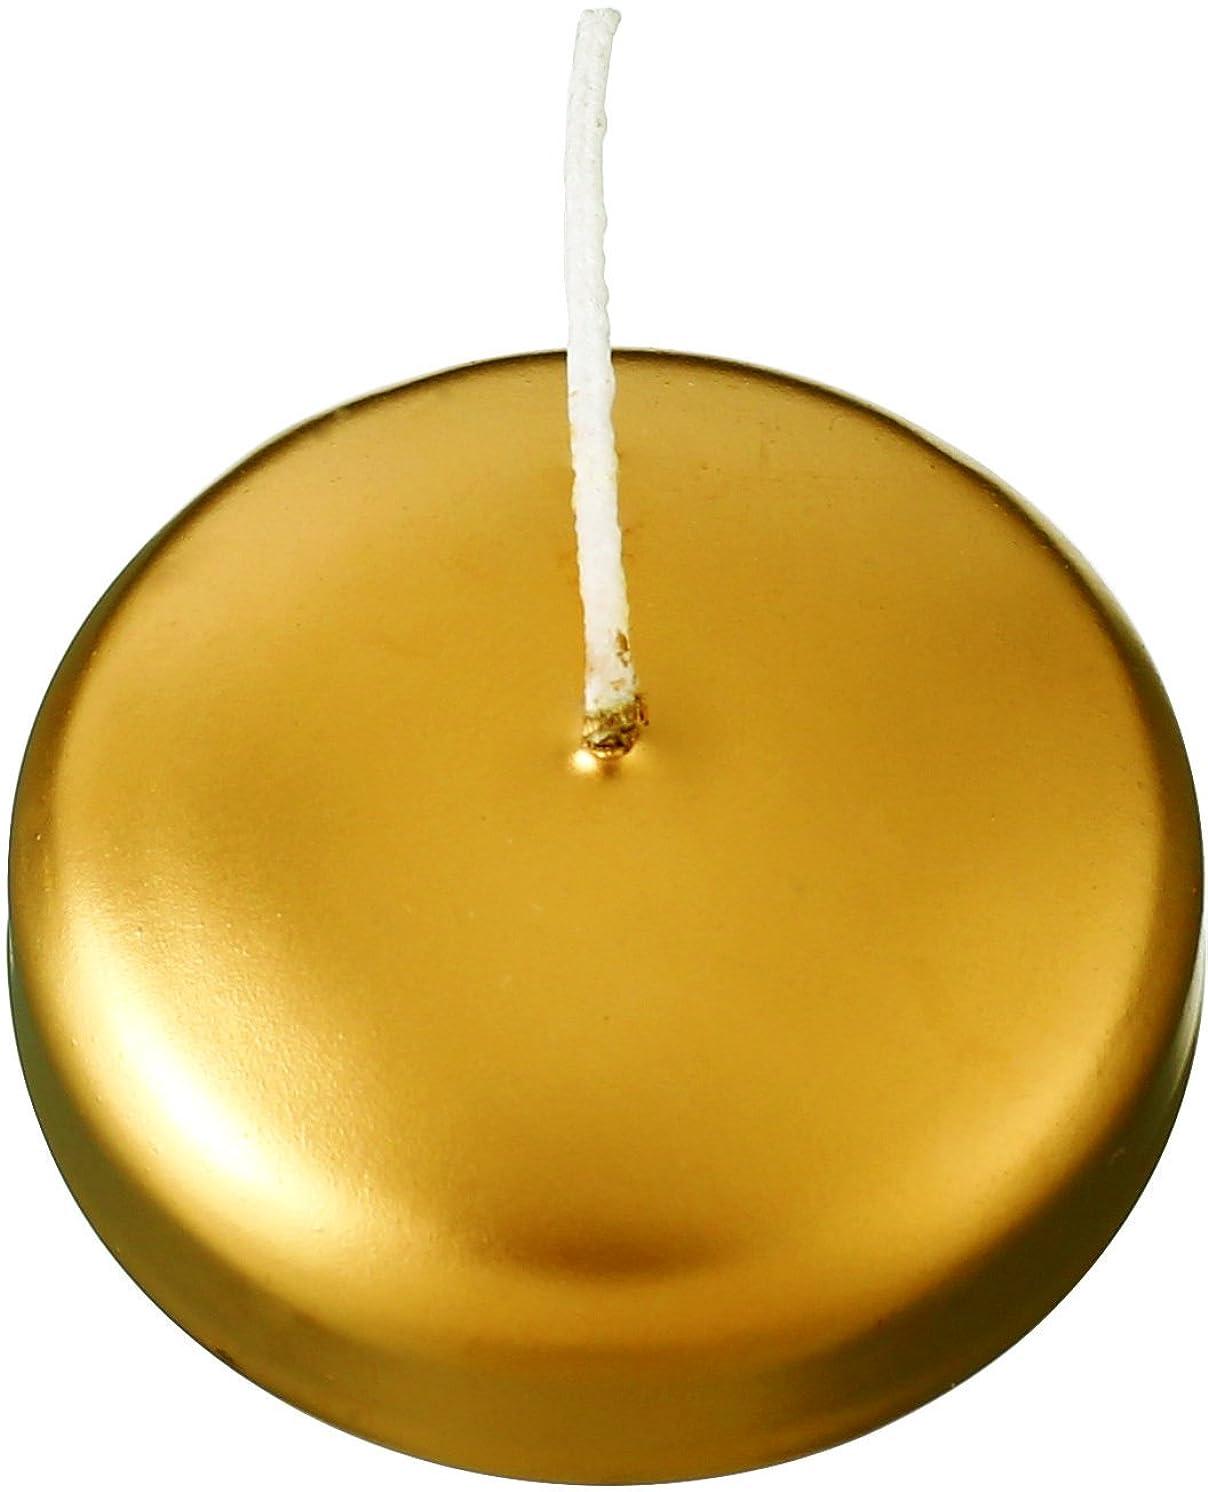 十一申請者ポスターカメヤマキャンドルハウス フローティングキャンドル50 ゴールド 12個セット